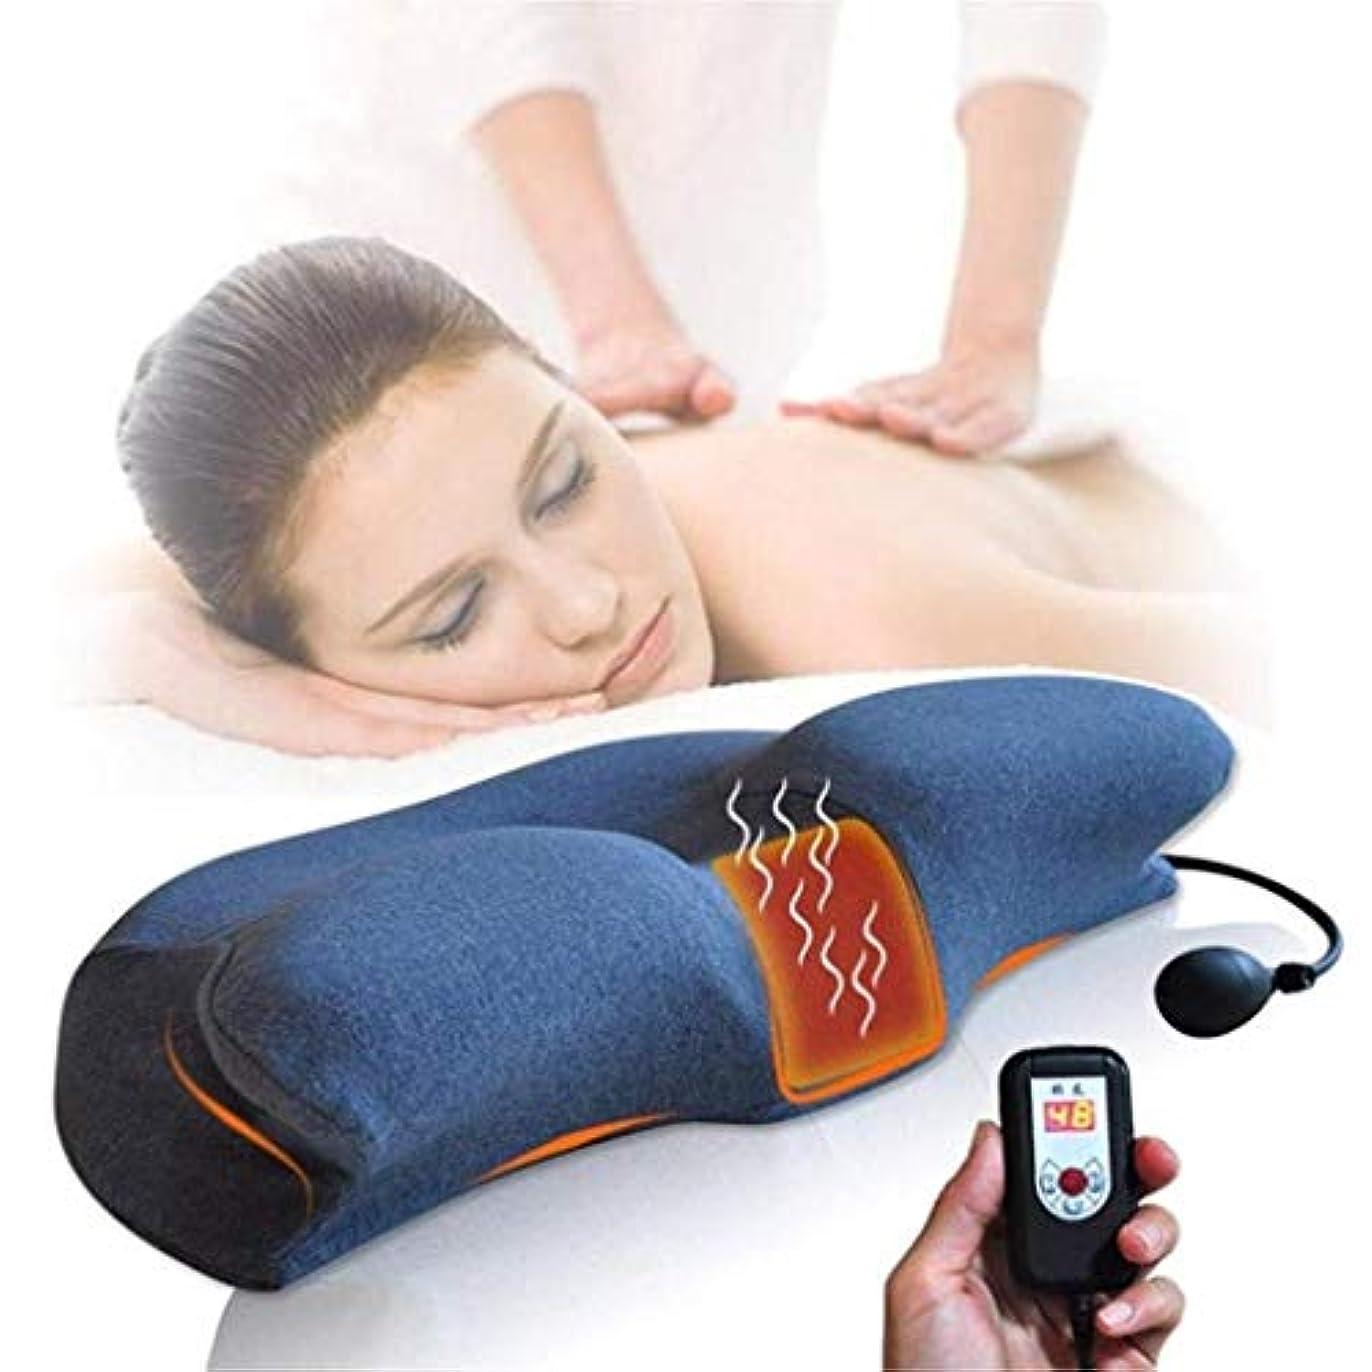 ハブブ信者反逆者マッサージ枕、メモリ枕、頸部牽引装置、インフレータブルヘルスケア整形外科マッサージ枕、睡眠肩枕の促進